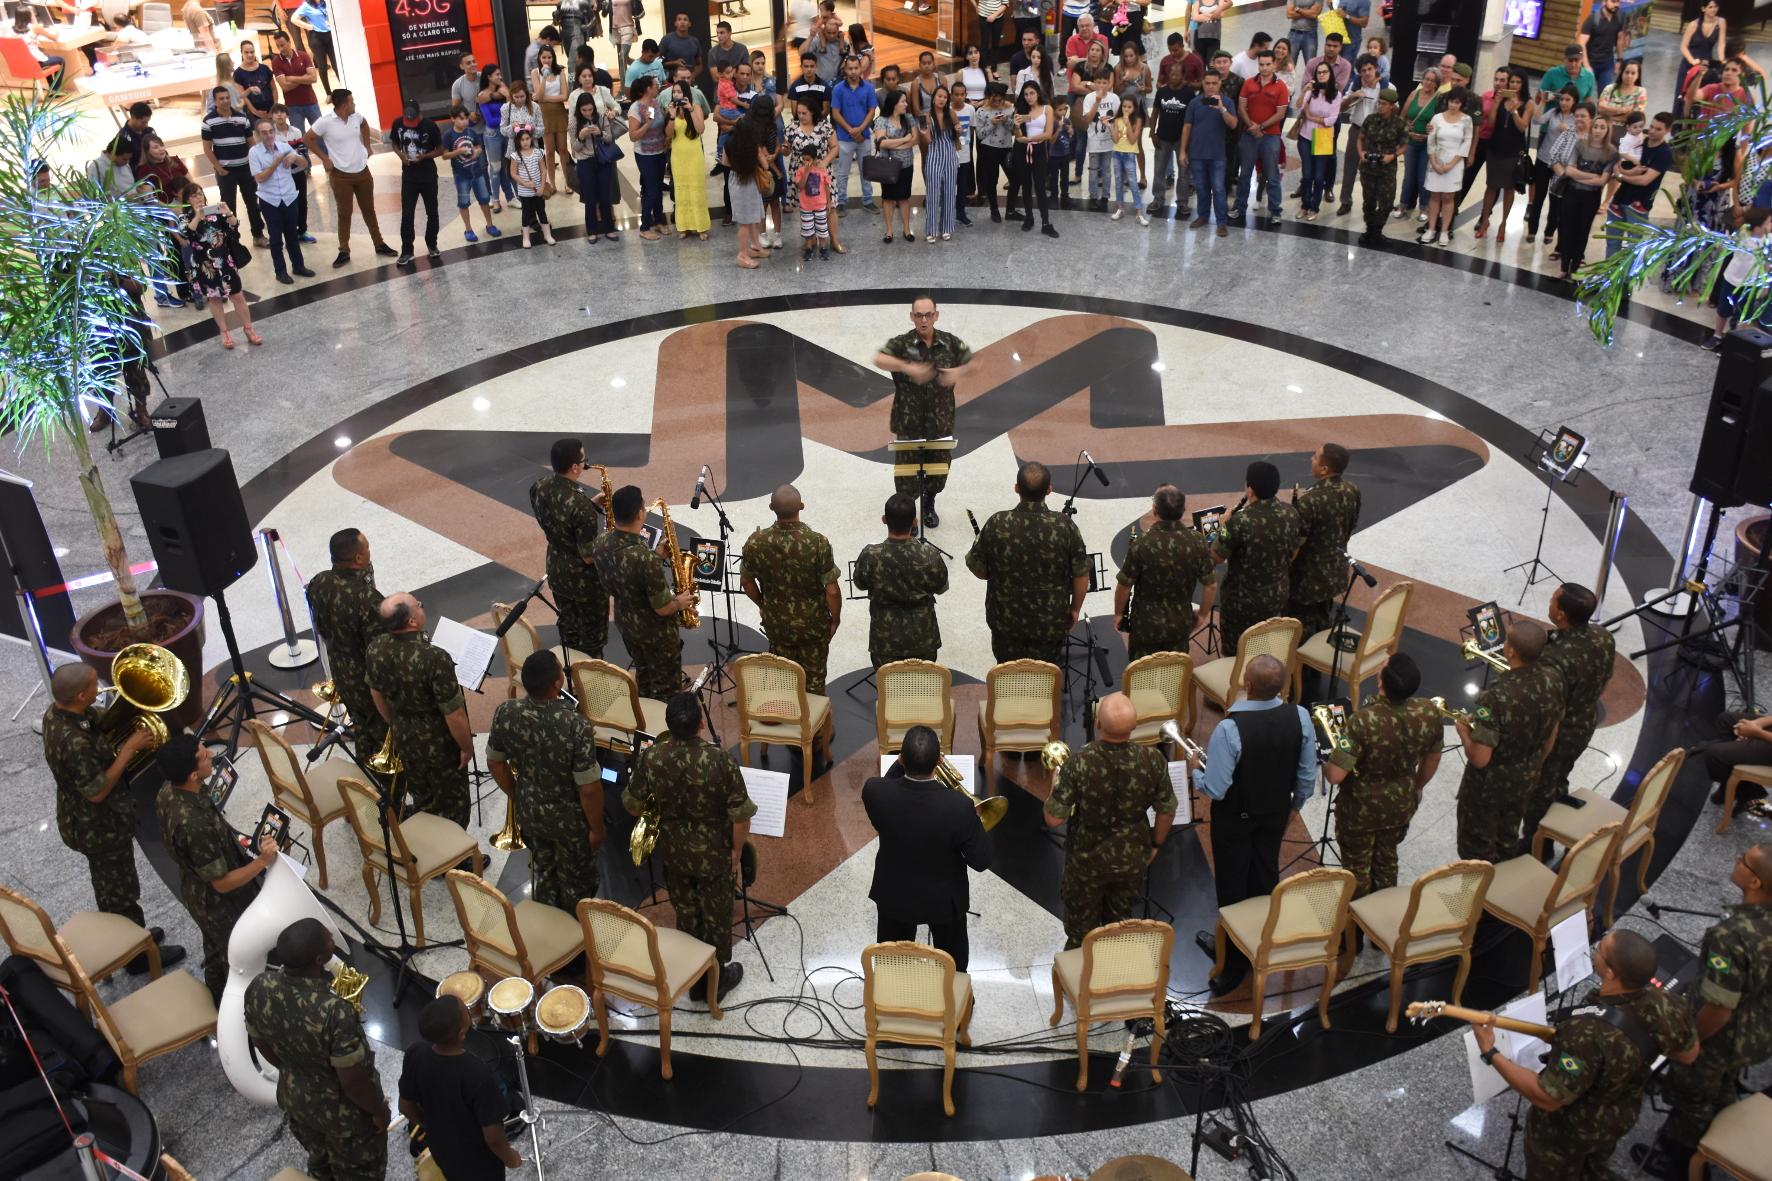 Banda do Exército se apresenta no Flamboyant em comemoração a Semana do Exército